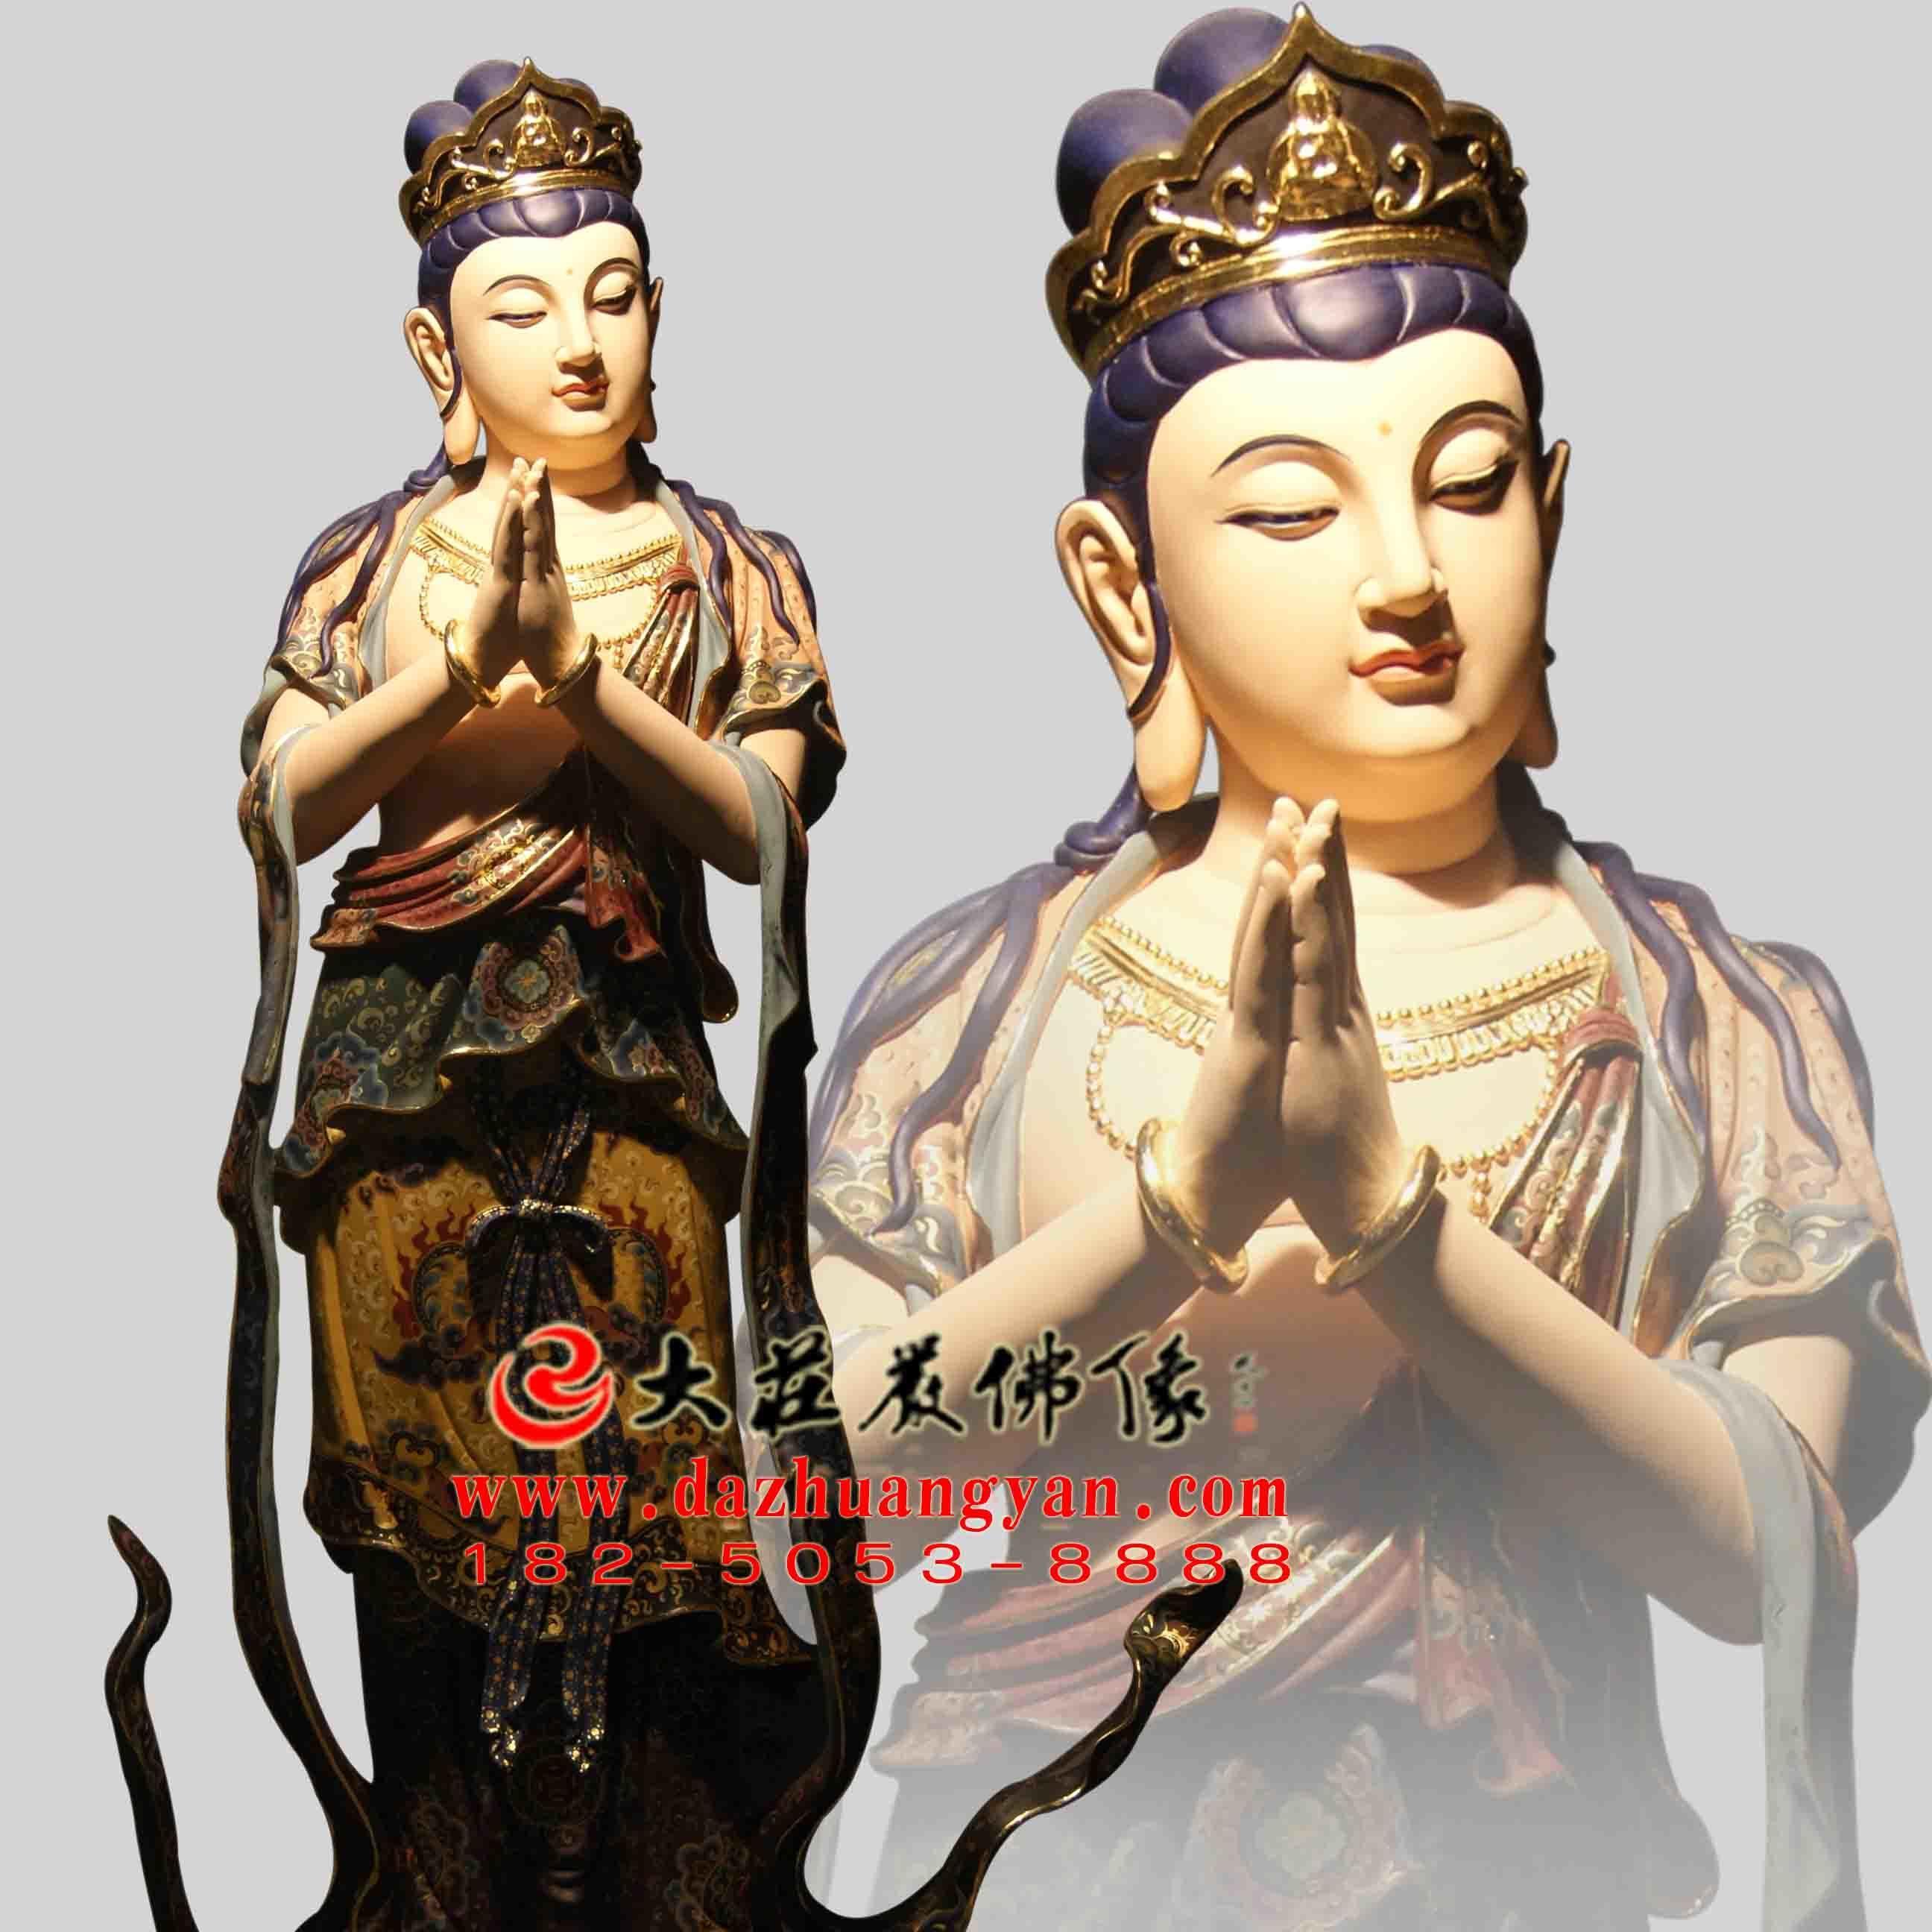 铜雕八大菩萨之观音菩萨彩绘佛像正面像